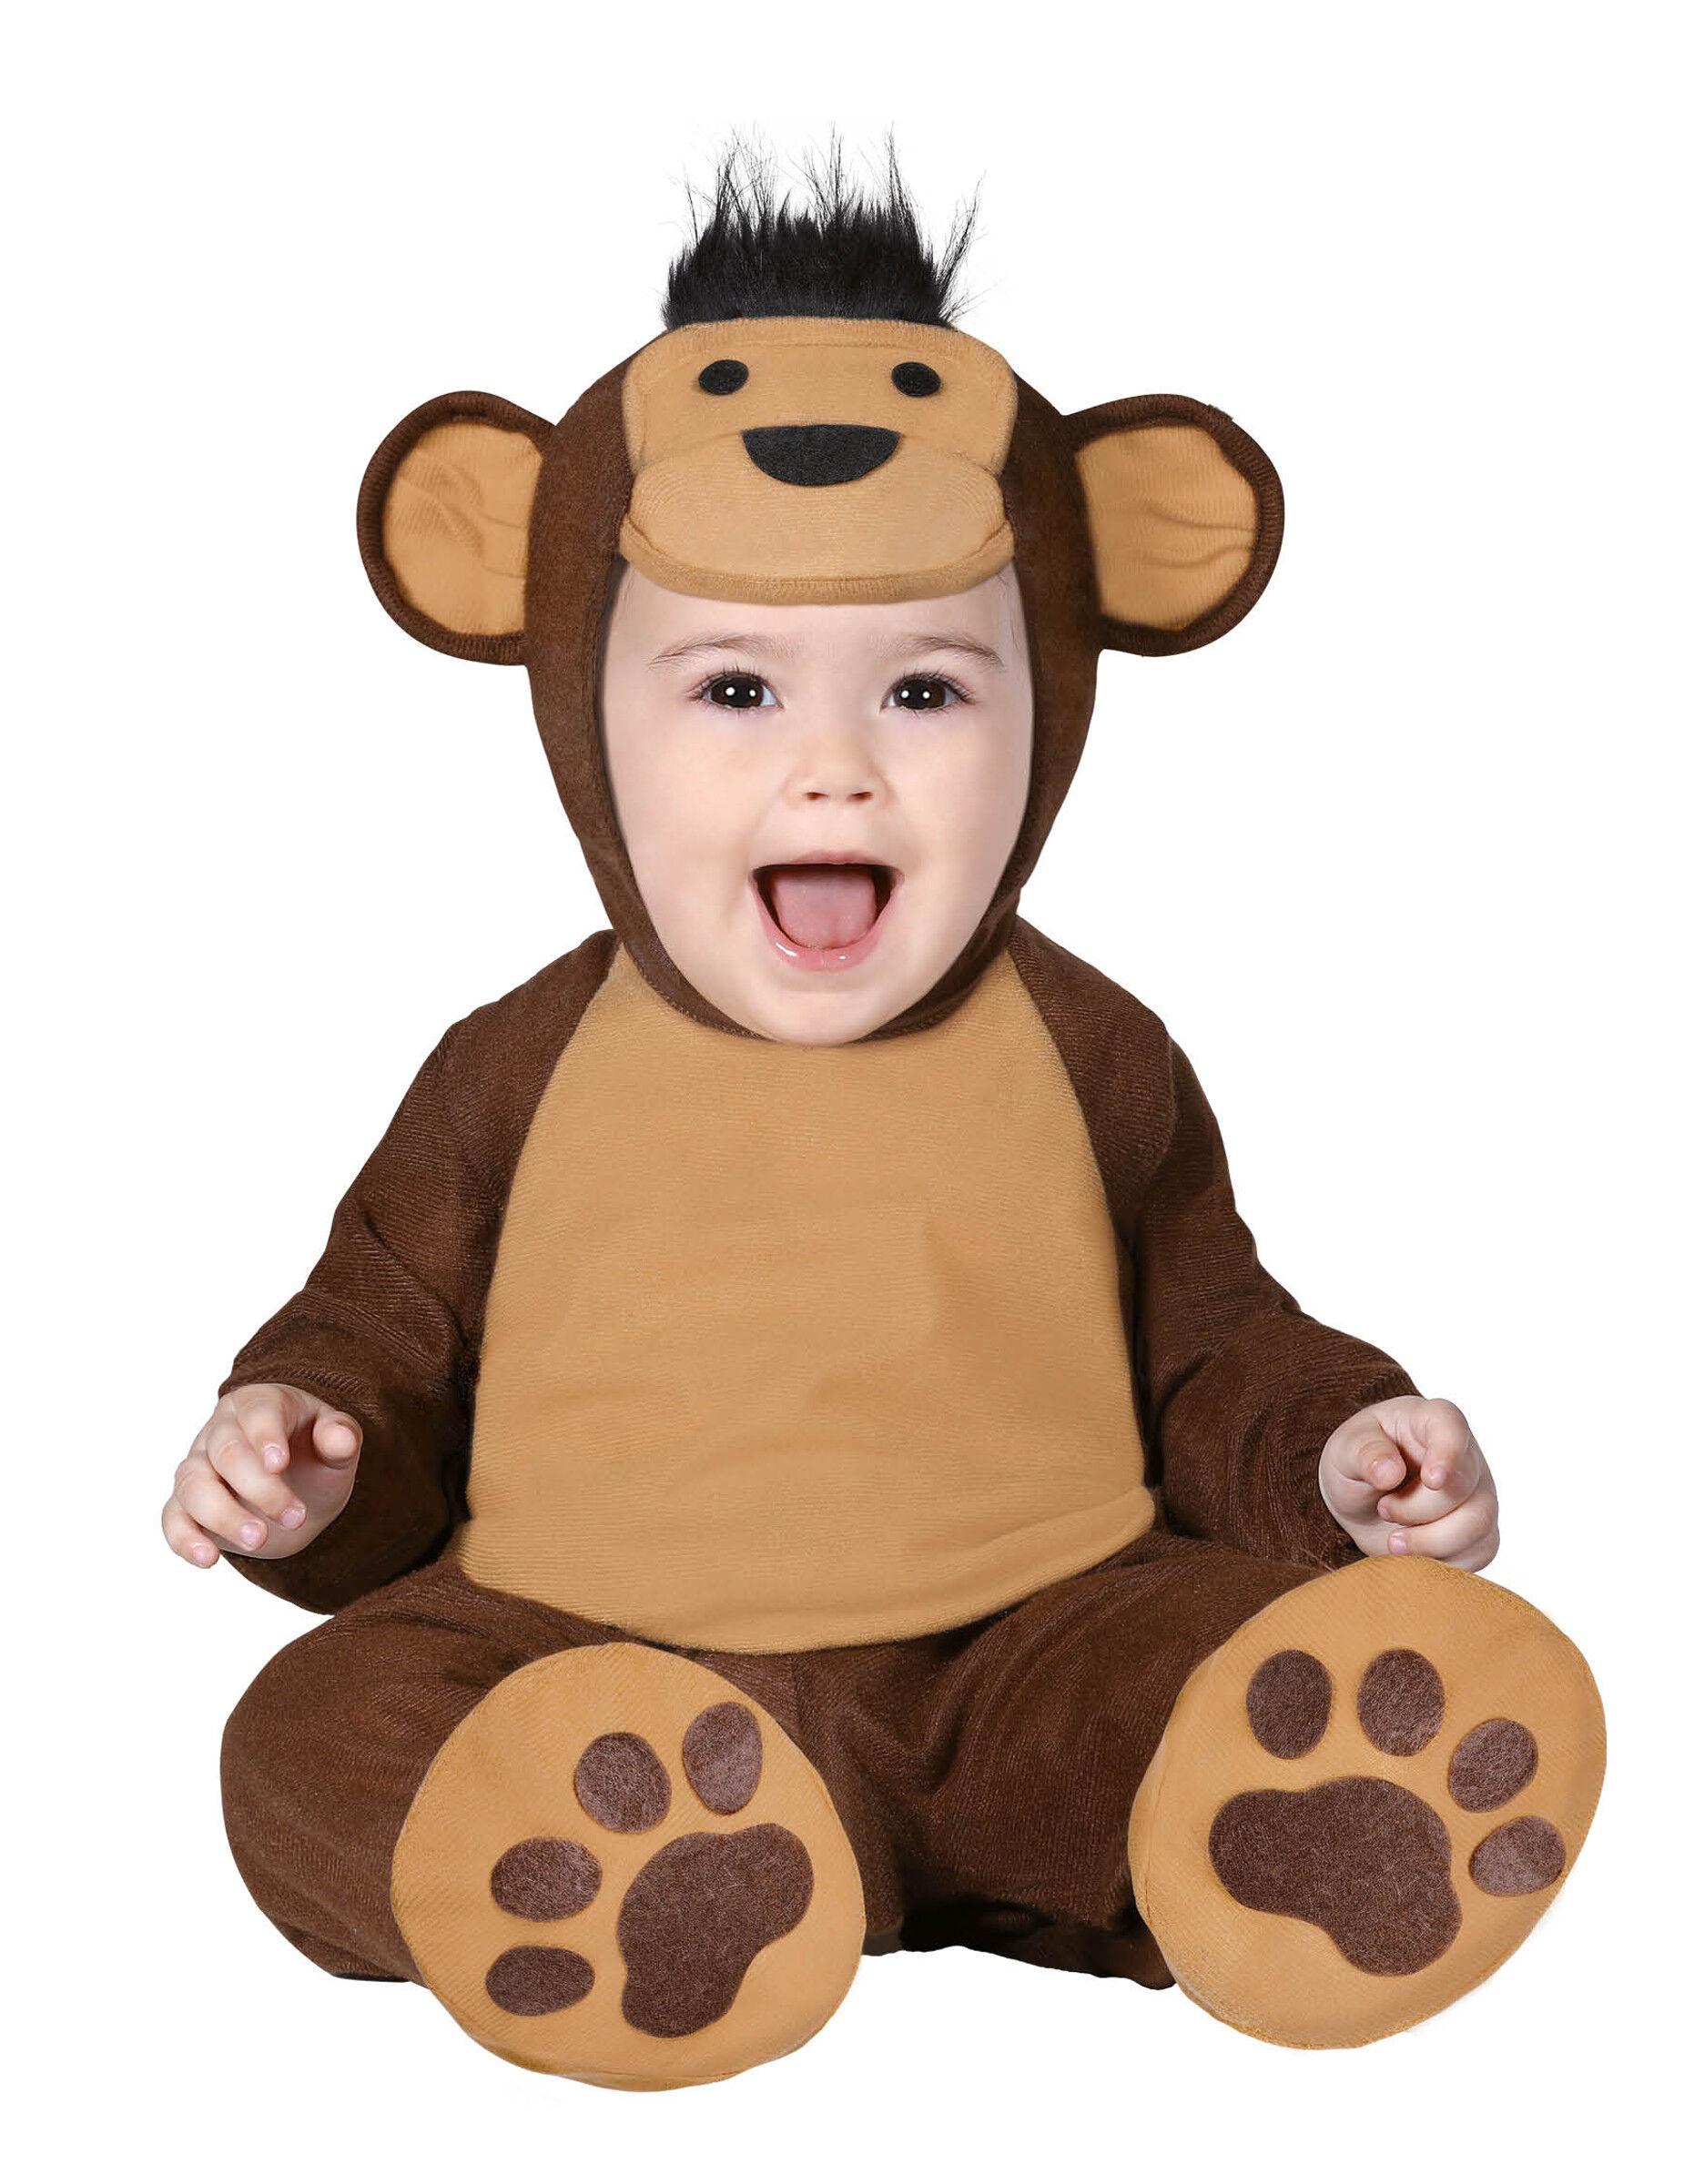 Deguisetoi Déguisement combinaison singe marron bébé - Taille: 6 à 12 mois (82-83 cm)